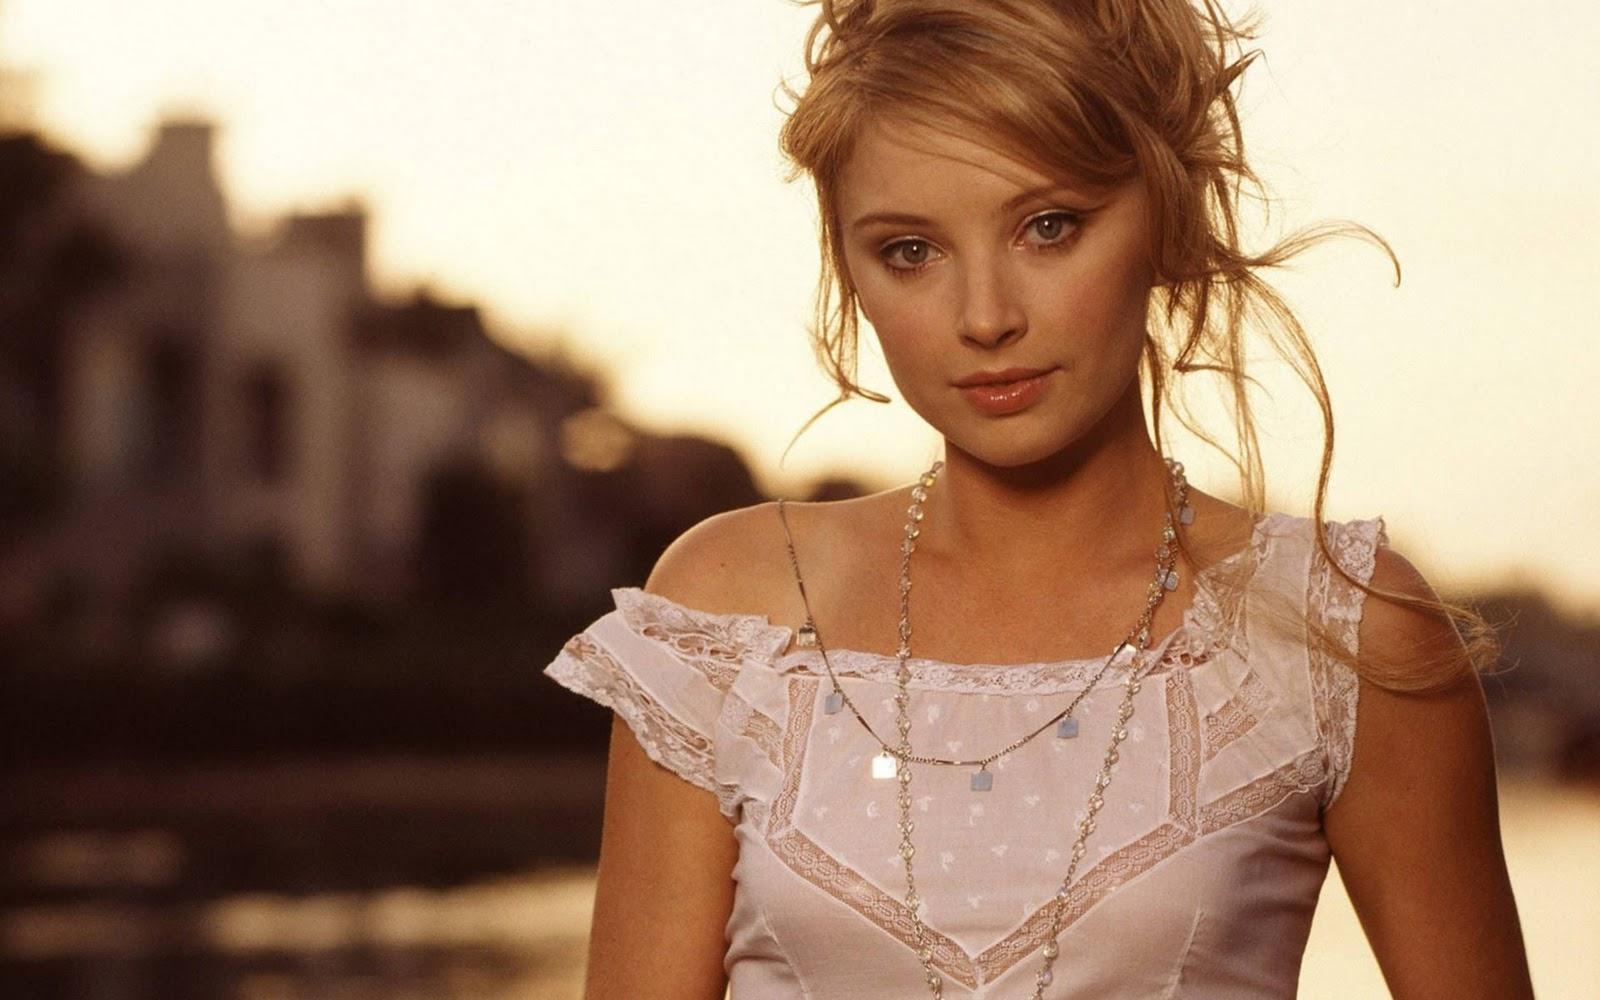 http://4.bp.blogspot.com/-2mPg_LhuDF0/TnXuQ5Rlu-I/AAAAAAAADHg/foJatpgm8dg/s1600/Hollywood-Model-Elisabeth-Harnois.jpg